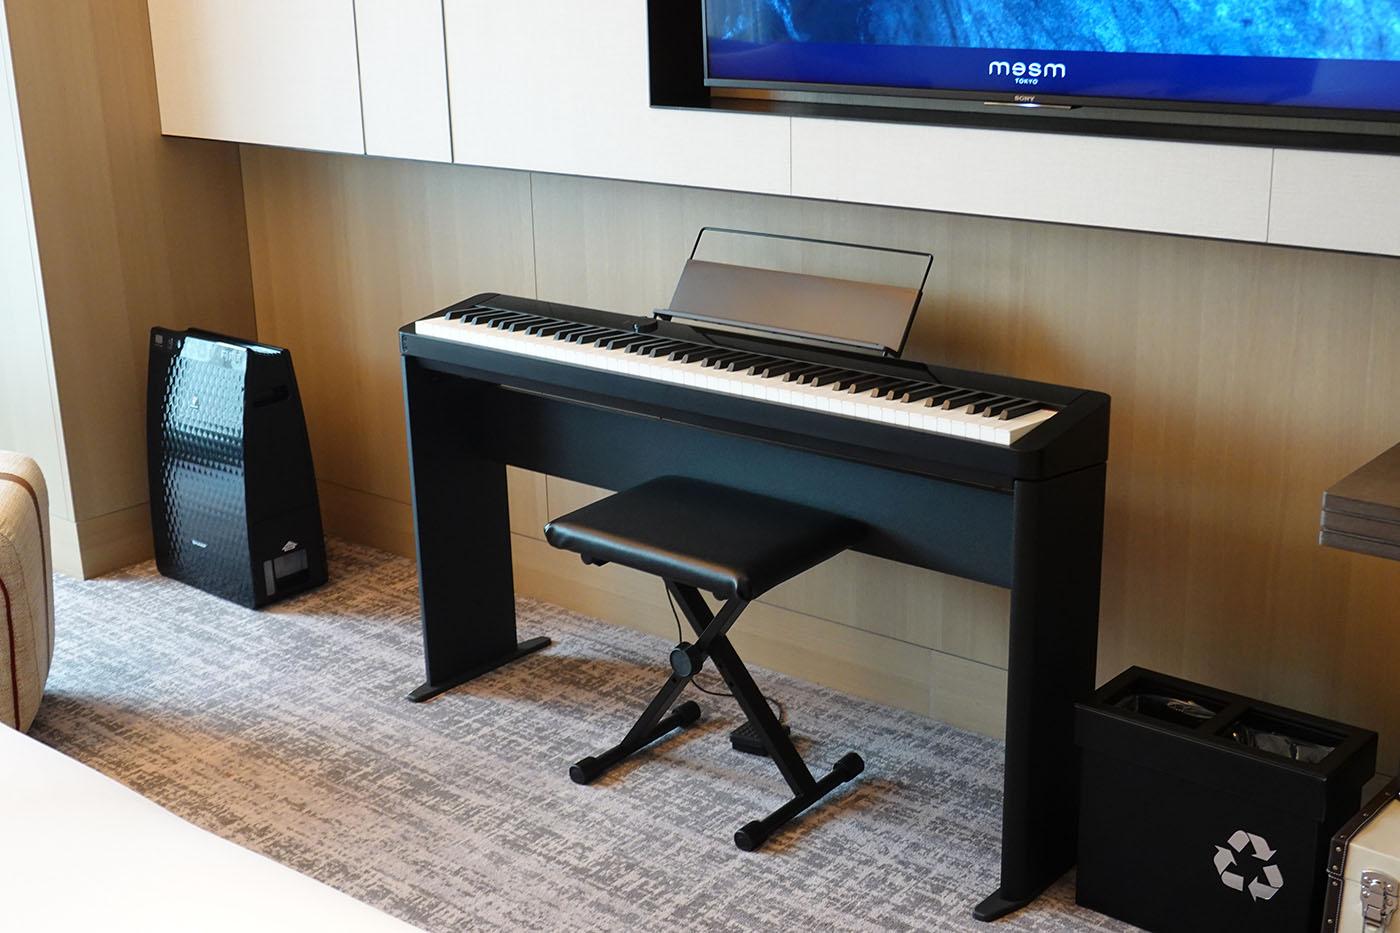 mesmtokyo部屋のピアノ